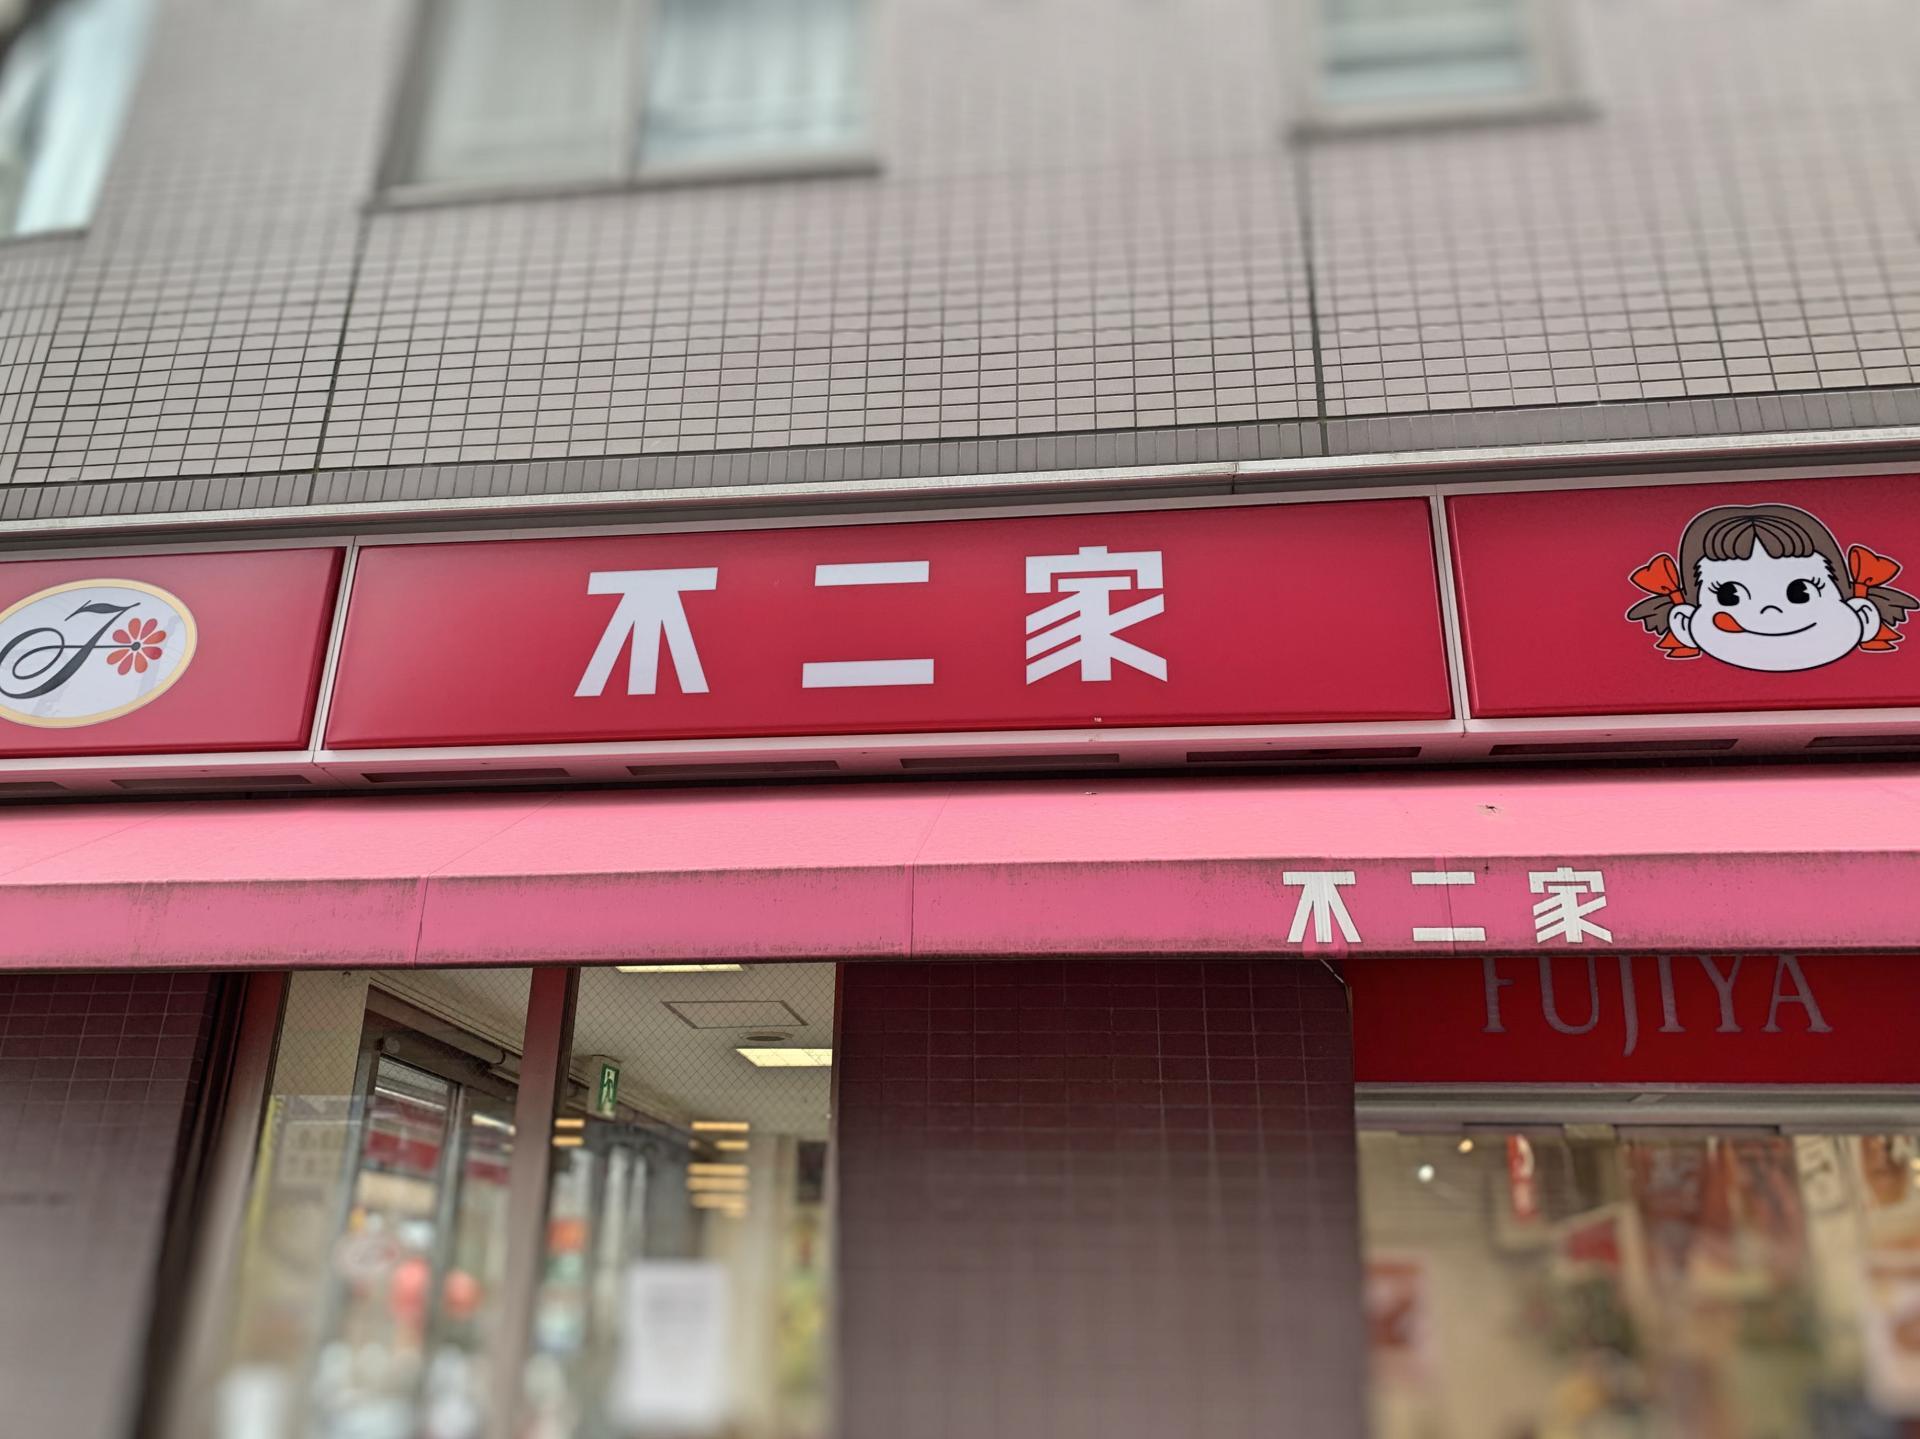 人気洋菓子店・不二家の店舗情報まとめ!喫茶やレストランもご紹介